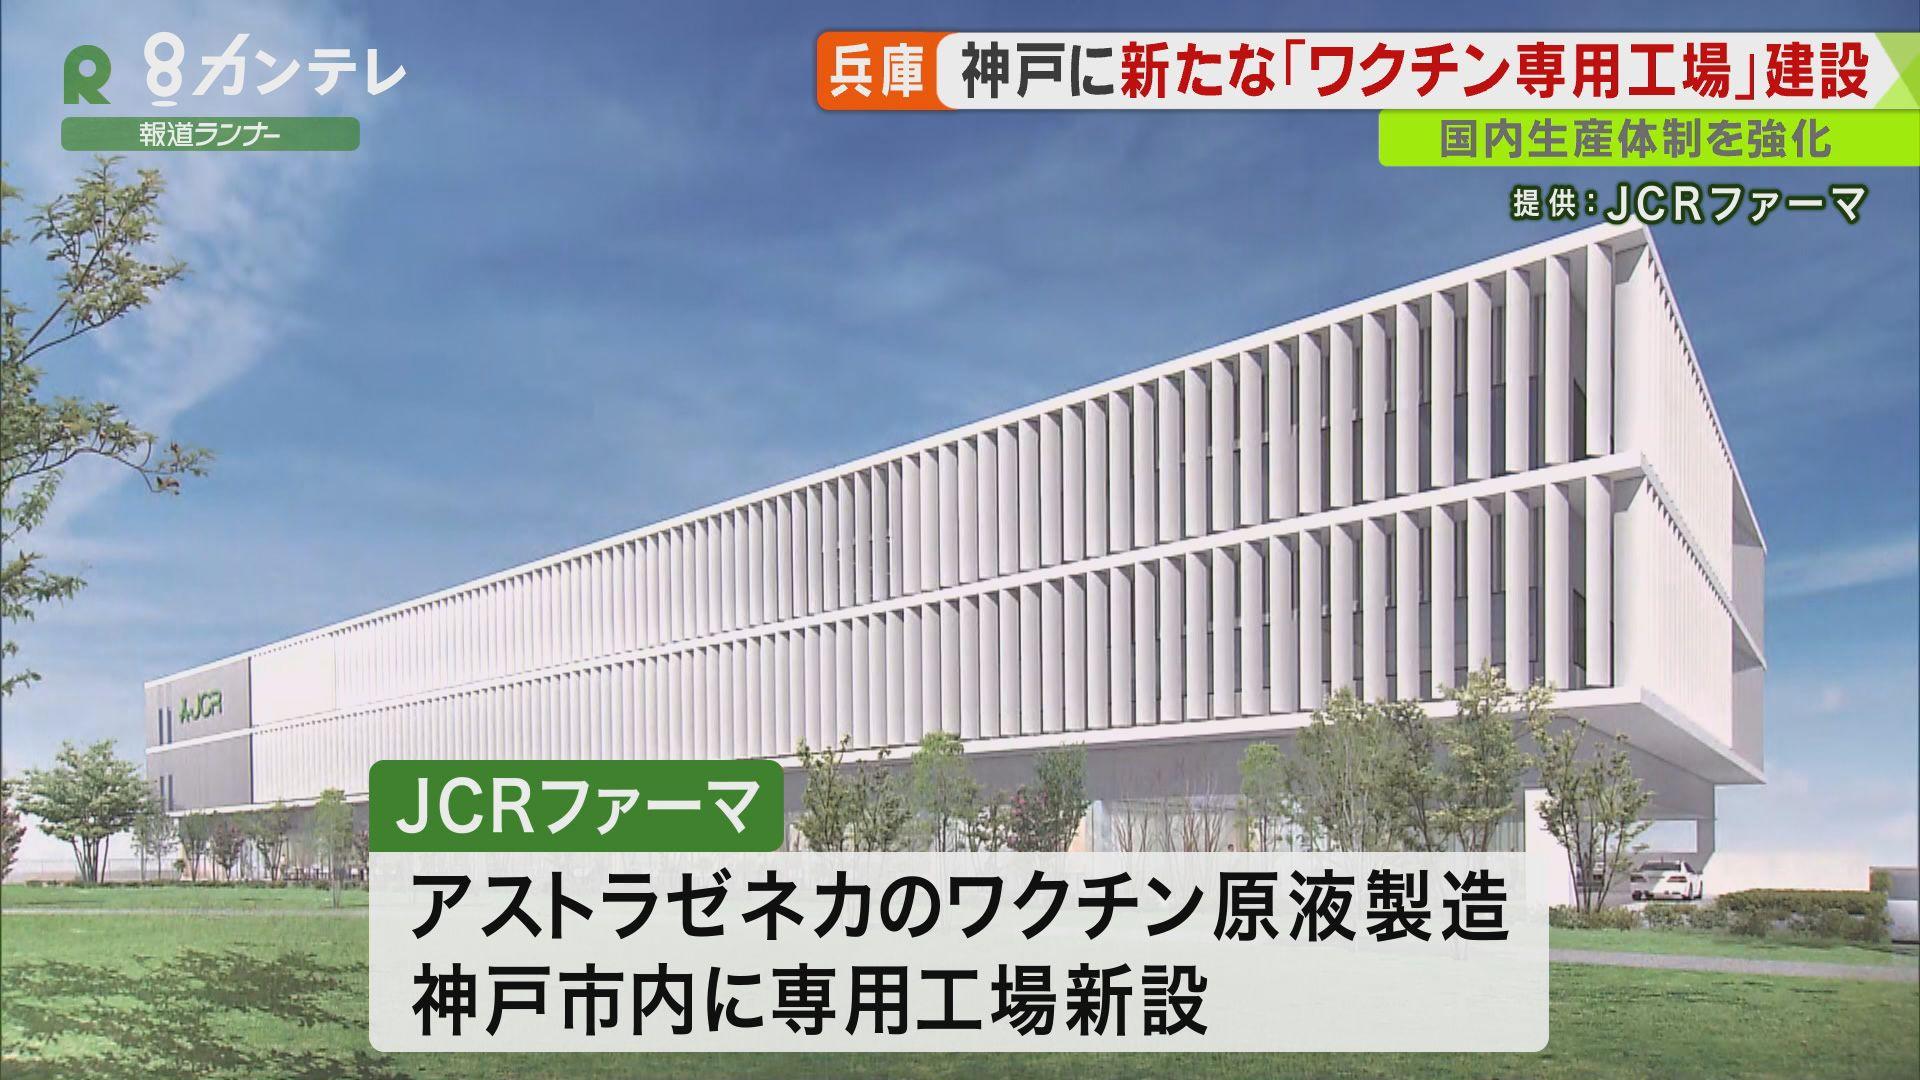 """神戸に""""ワクチン原液製造""""の「新工場」建設へ 2023年から生産を開始する方針"""